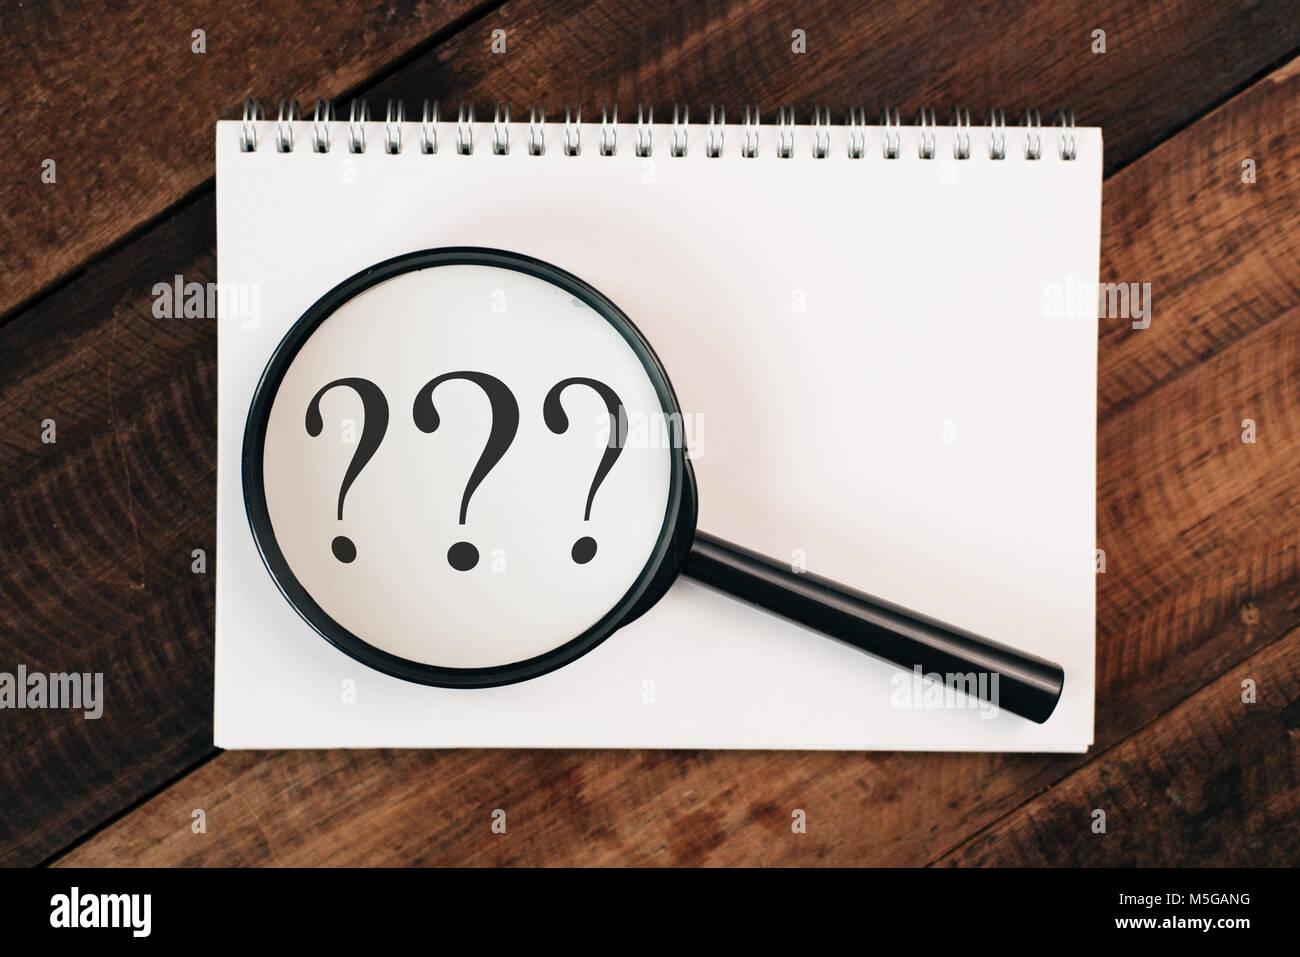 Lupa zoom en el signo de interrogación en el portátil en una mesa de madera. problema y concepto de investigación Imagen De Stock